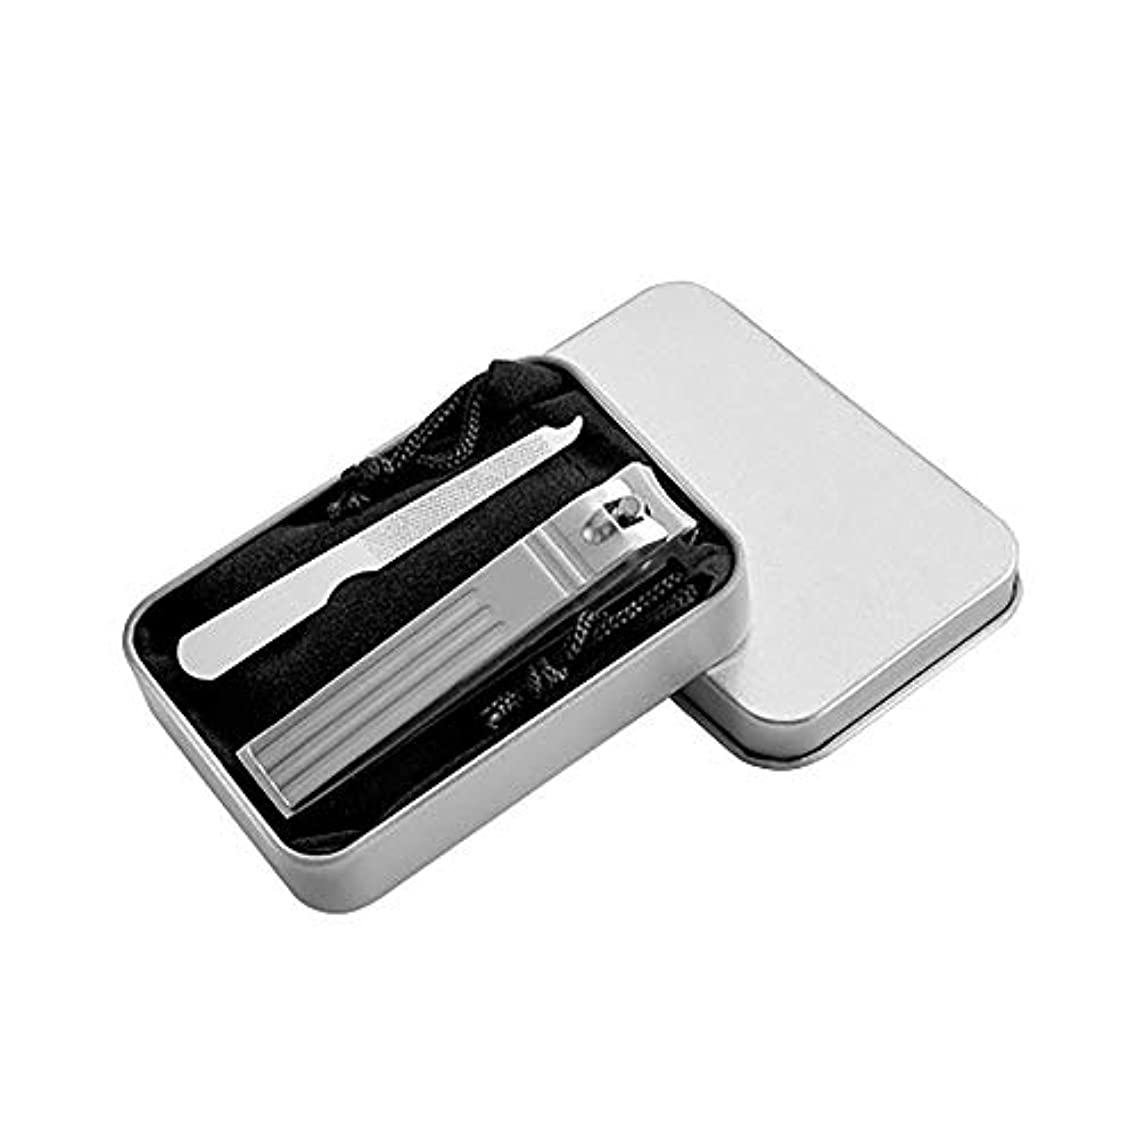 オーストラリア人種類構想するステンレス爪切りネイルファイルセット美容ネイルツールセット収納ケース付き、シルバー、2点セット